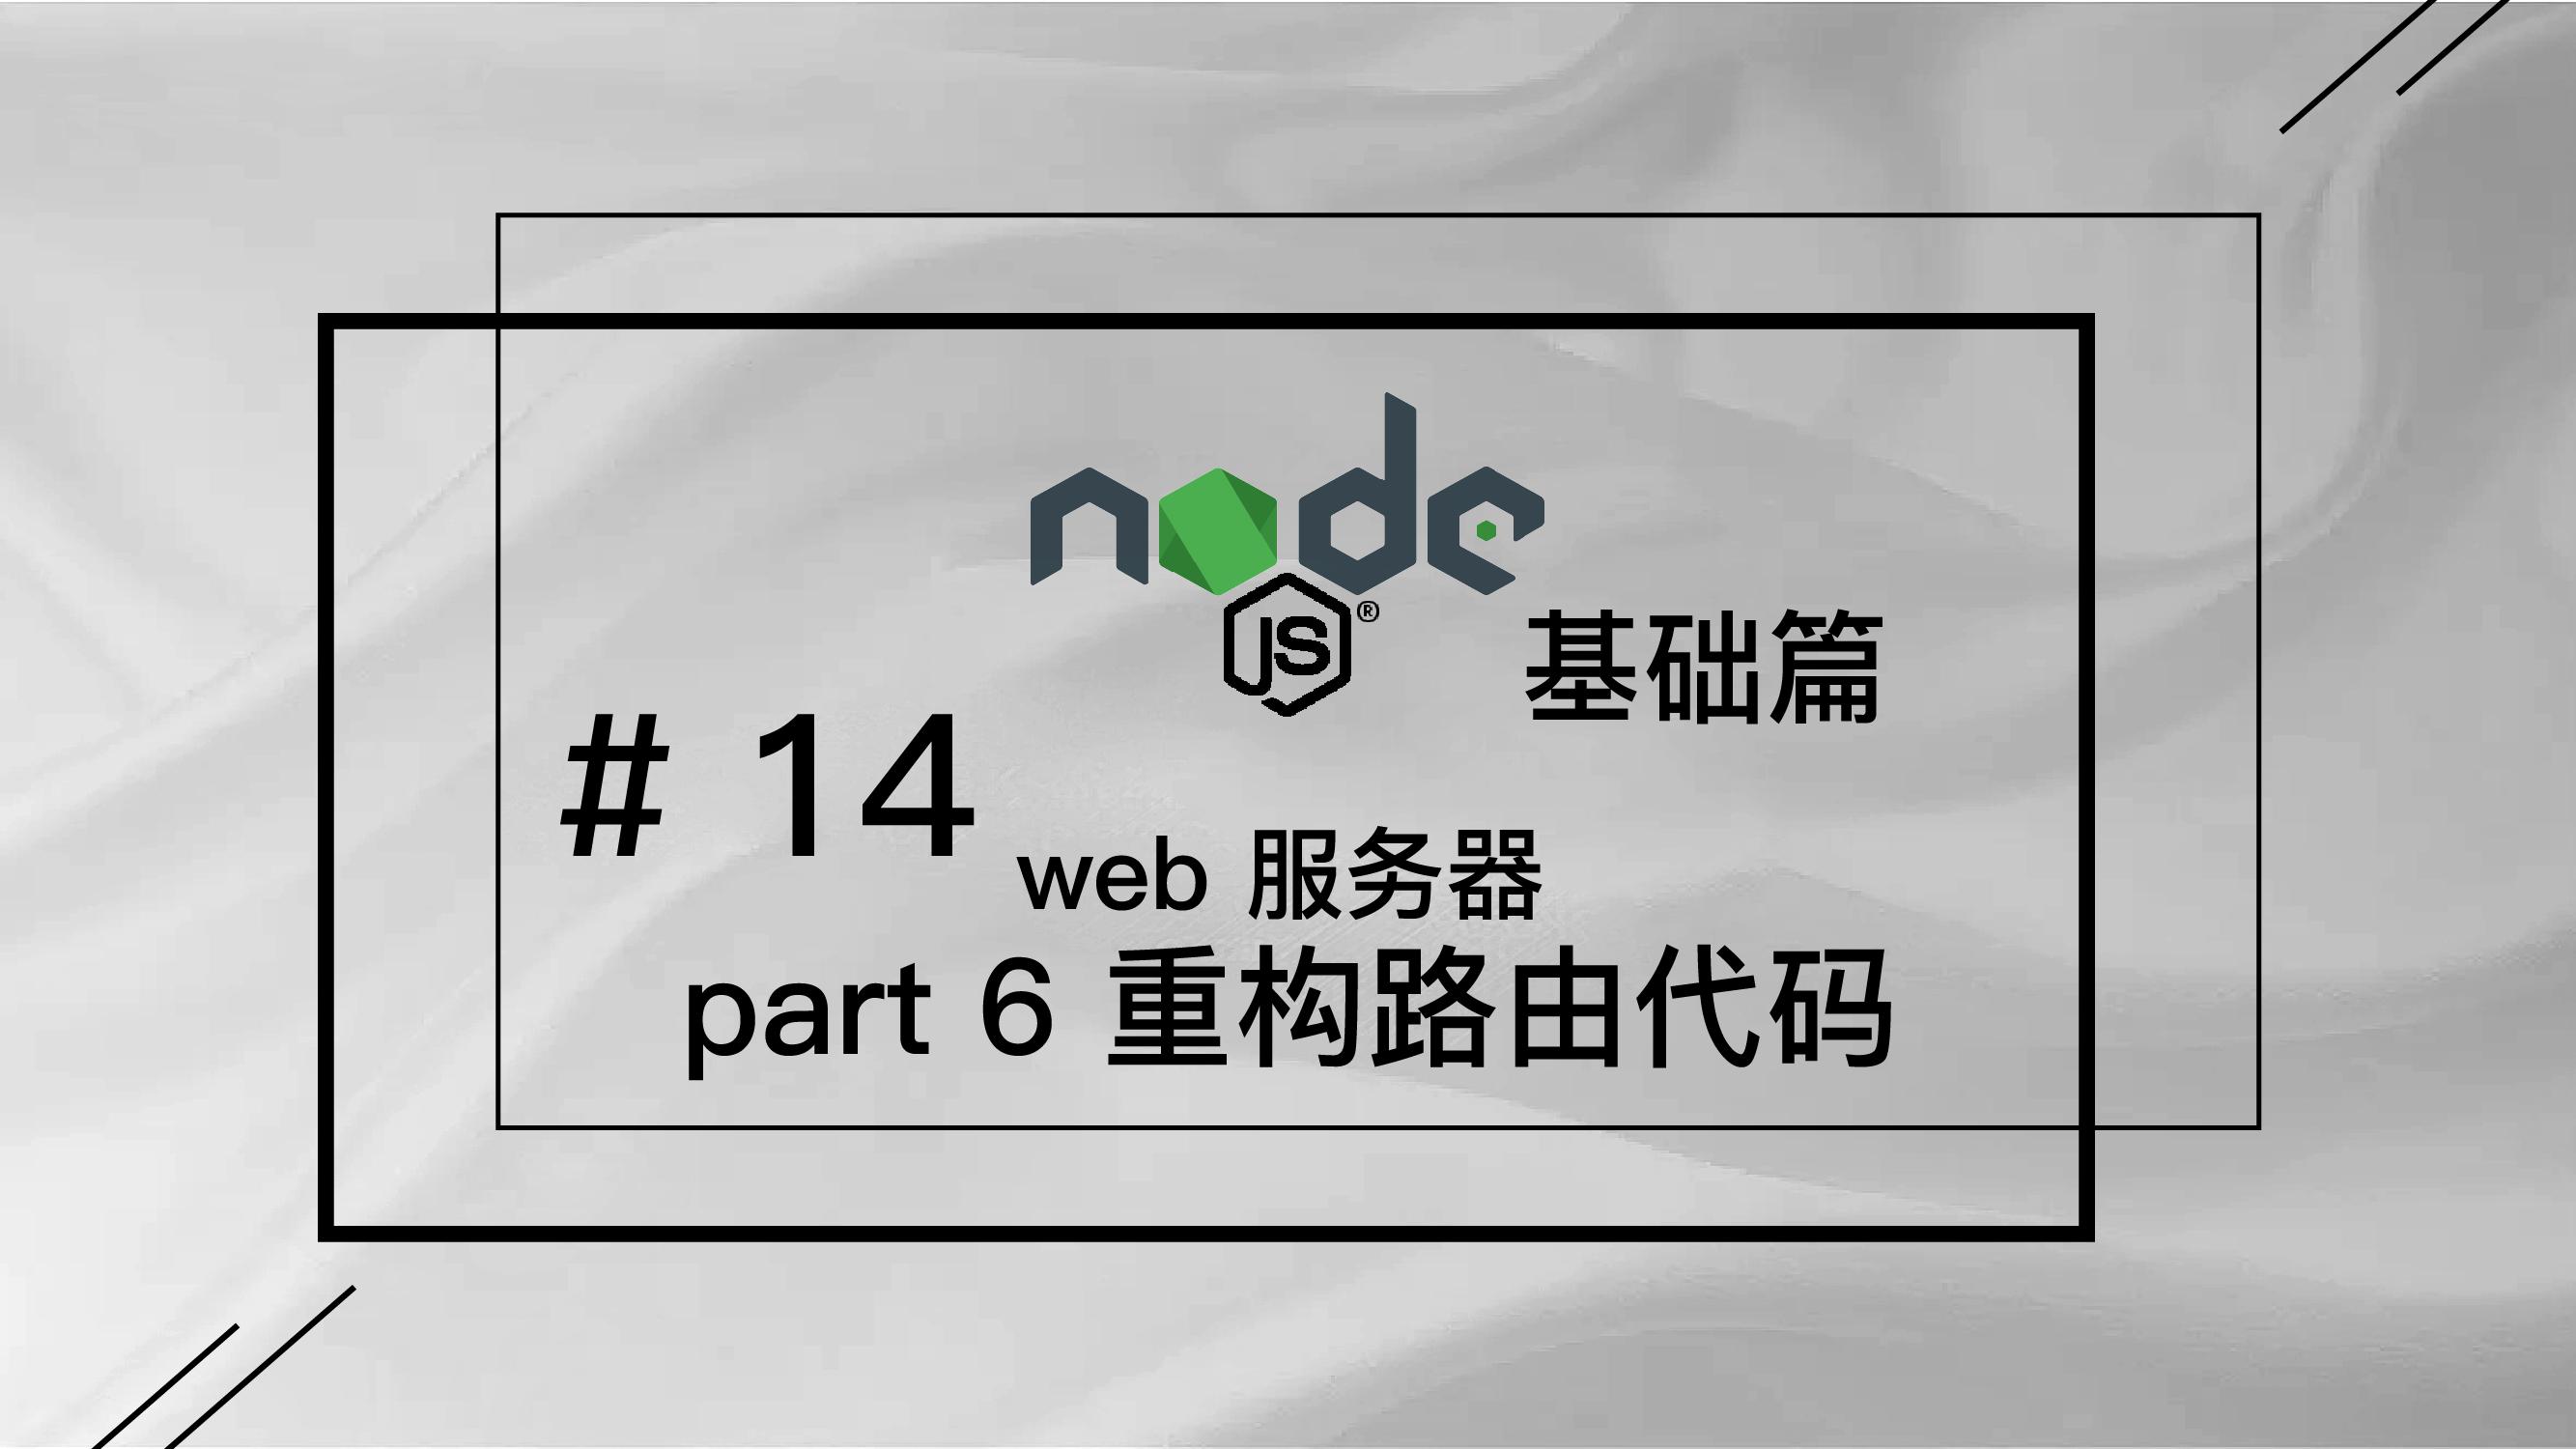 轻松学 Node.js - 基础篇 #14 web 服务器 part 6 重构路由代码